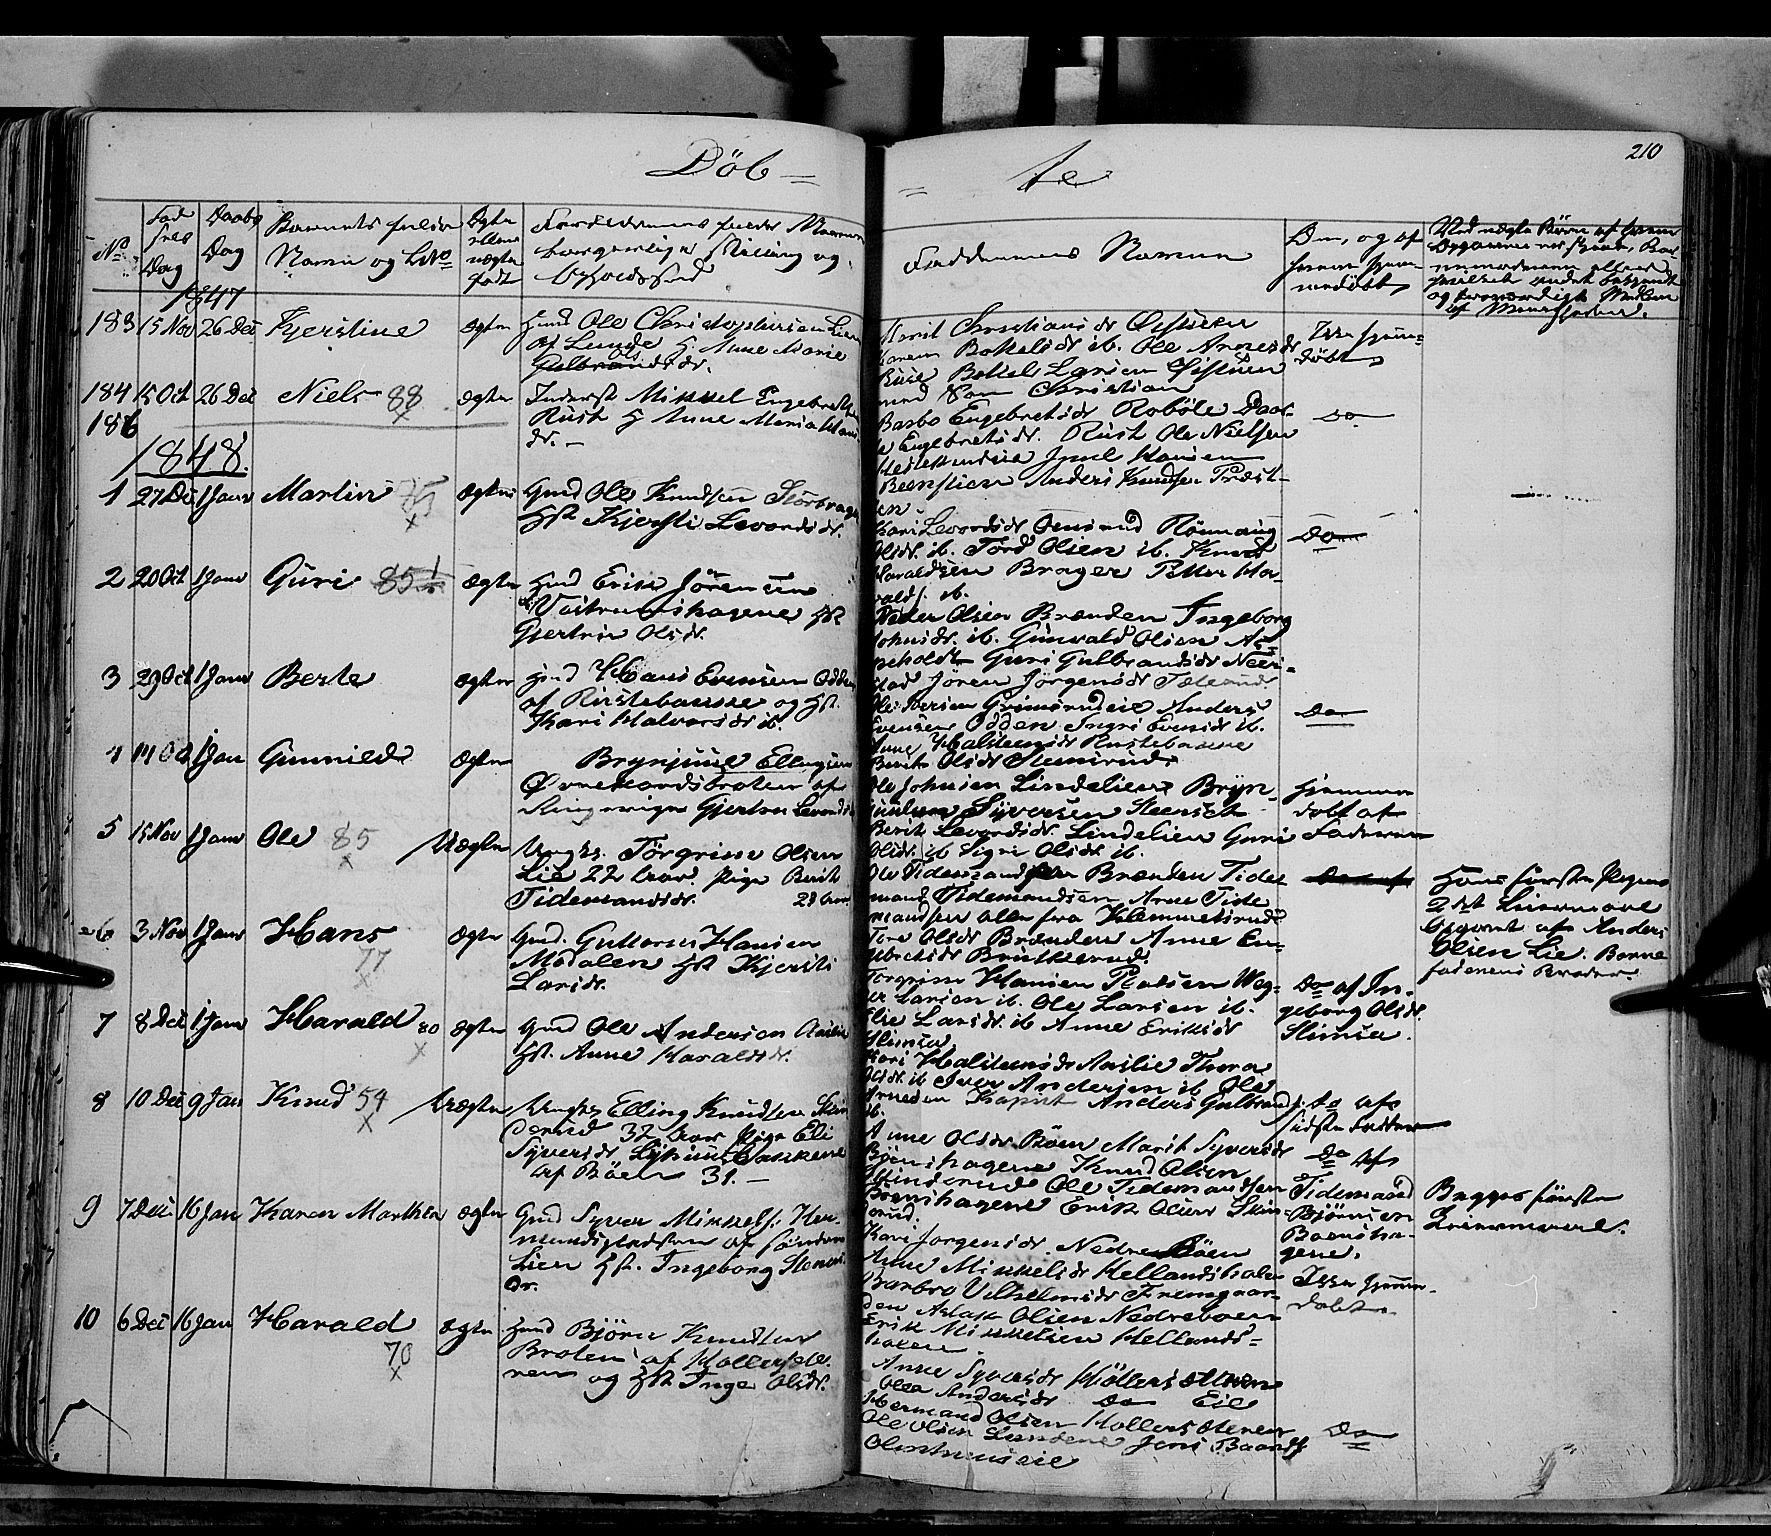 SAH, Sør-Aurdal prestekontor, Ministerialbok nr. 4, 1841-1849, s. 209-210